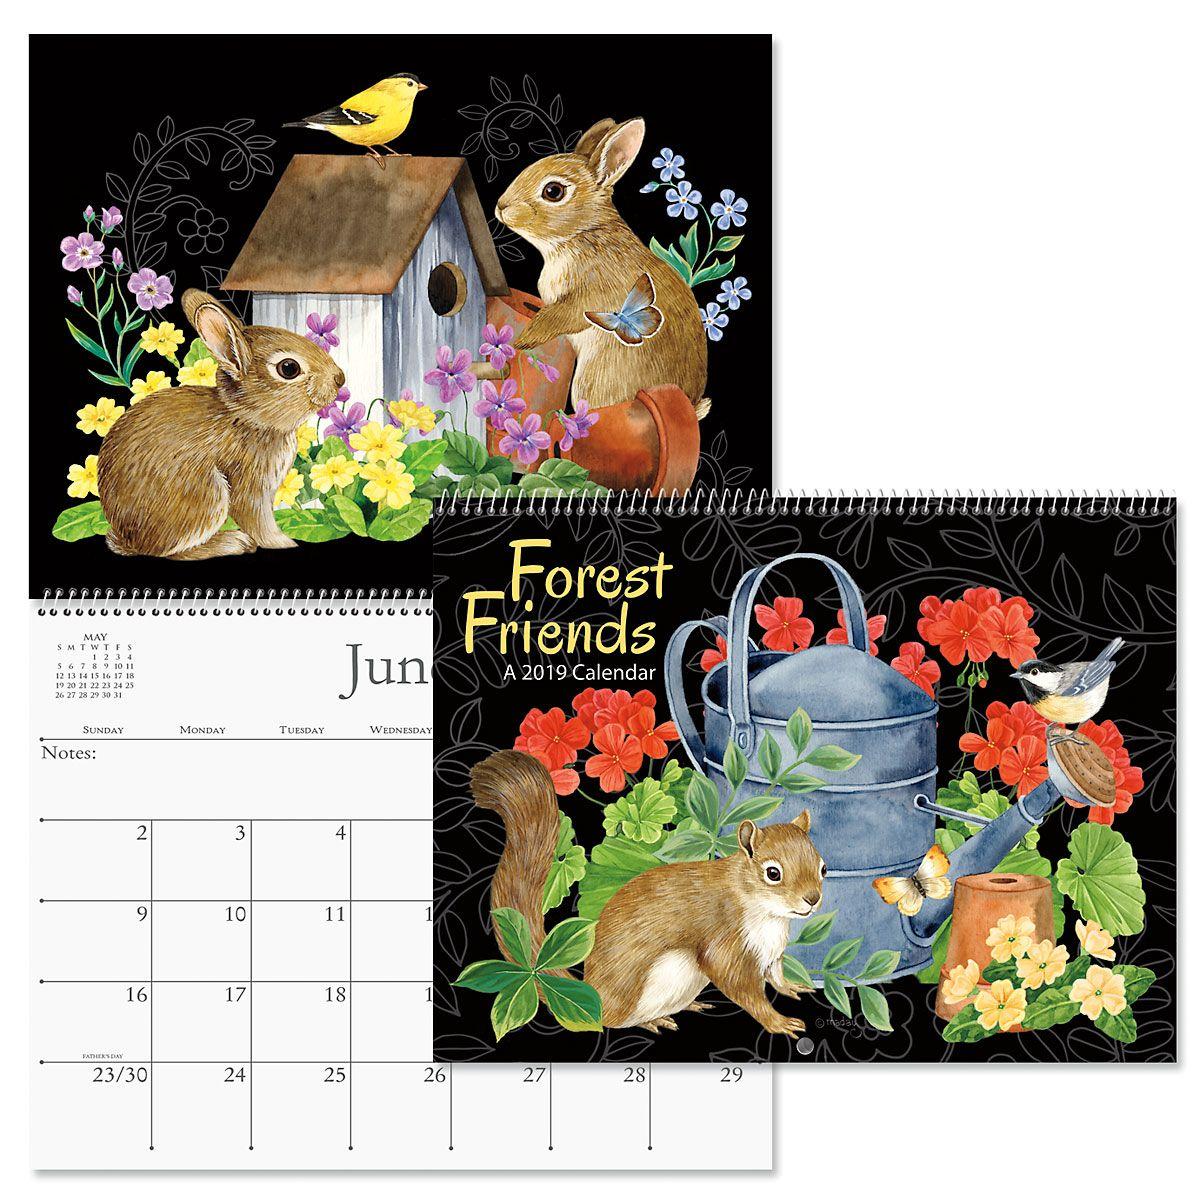 2019 Forest Friends Wall Calendar